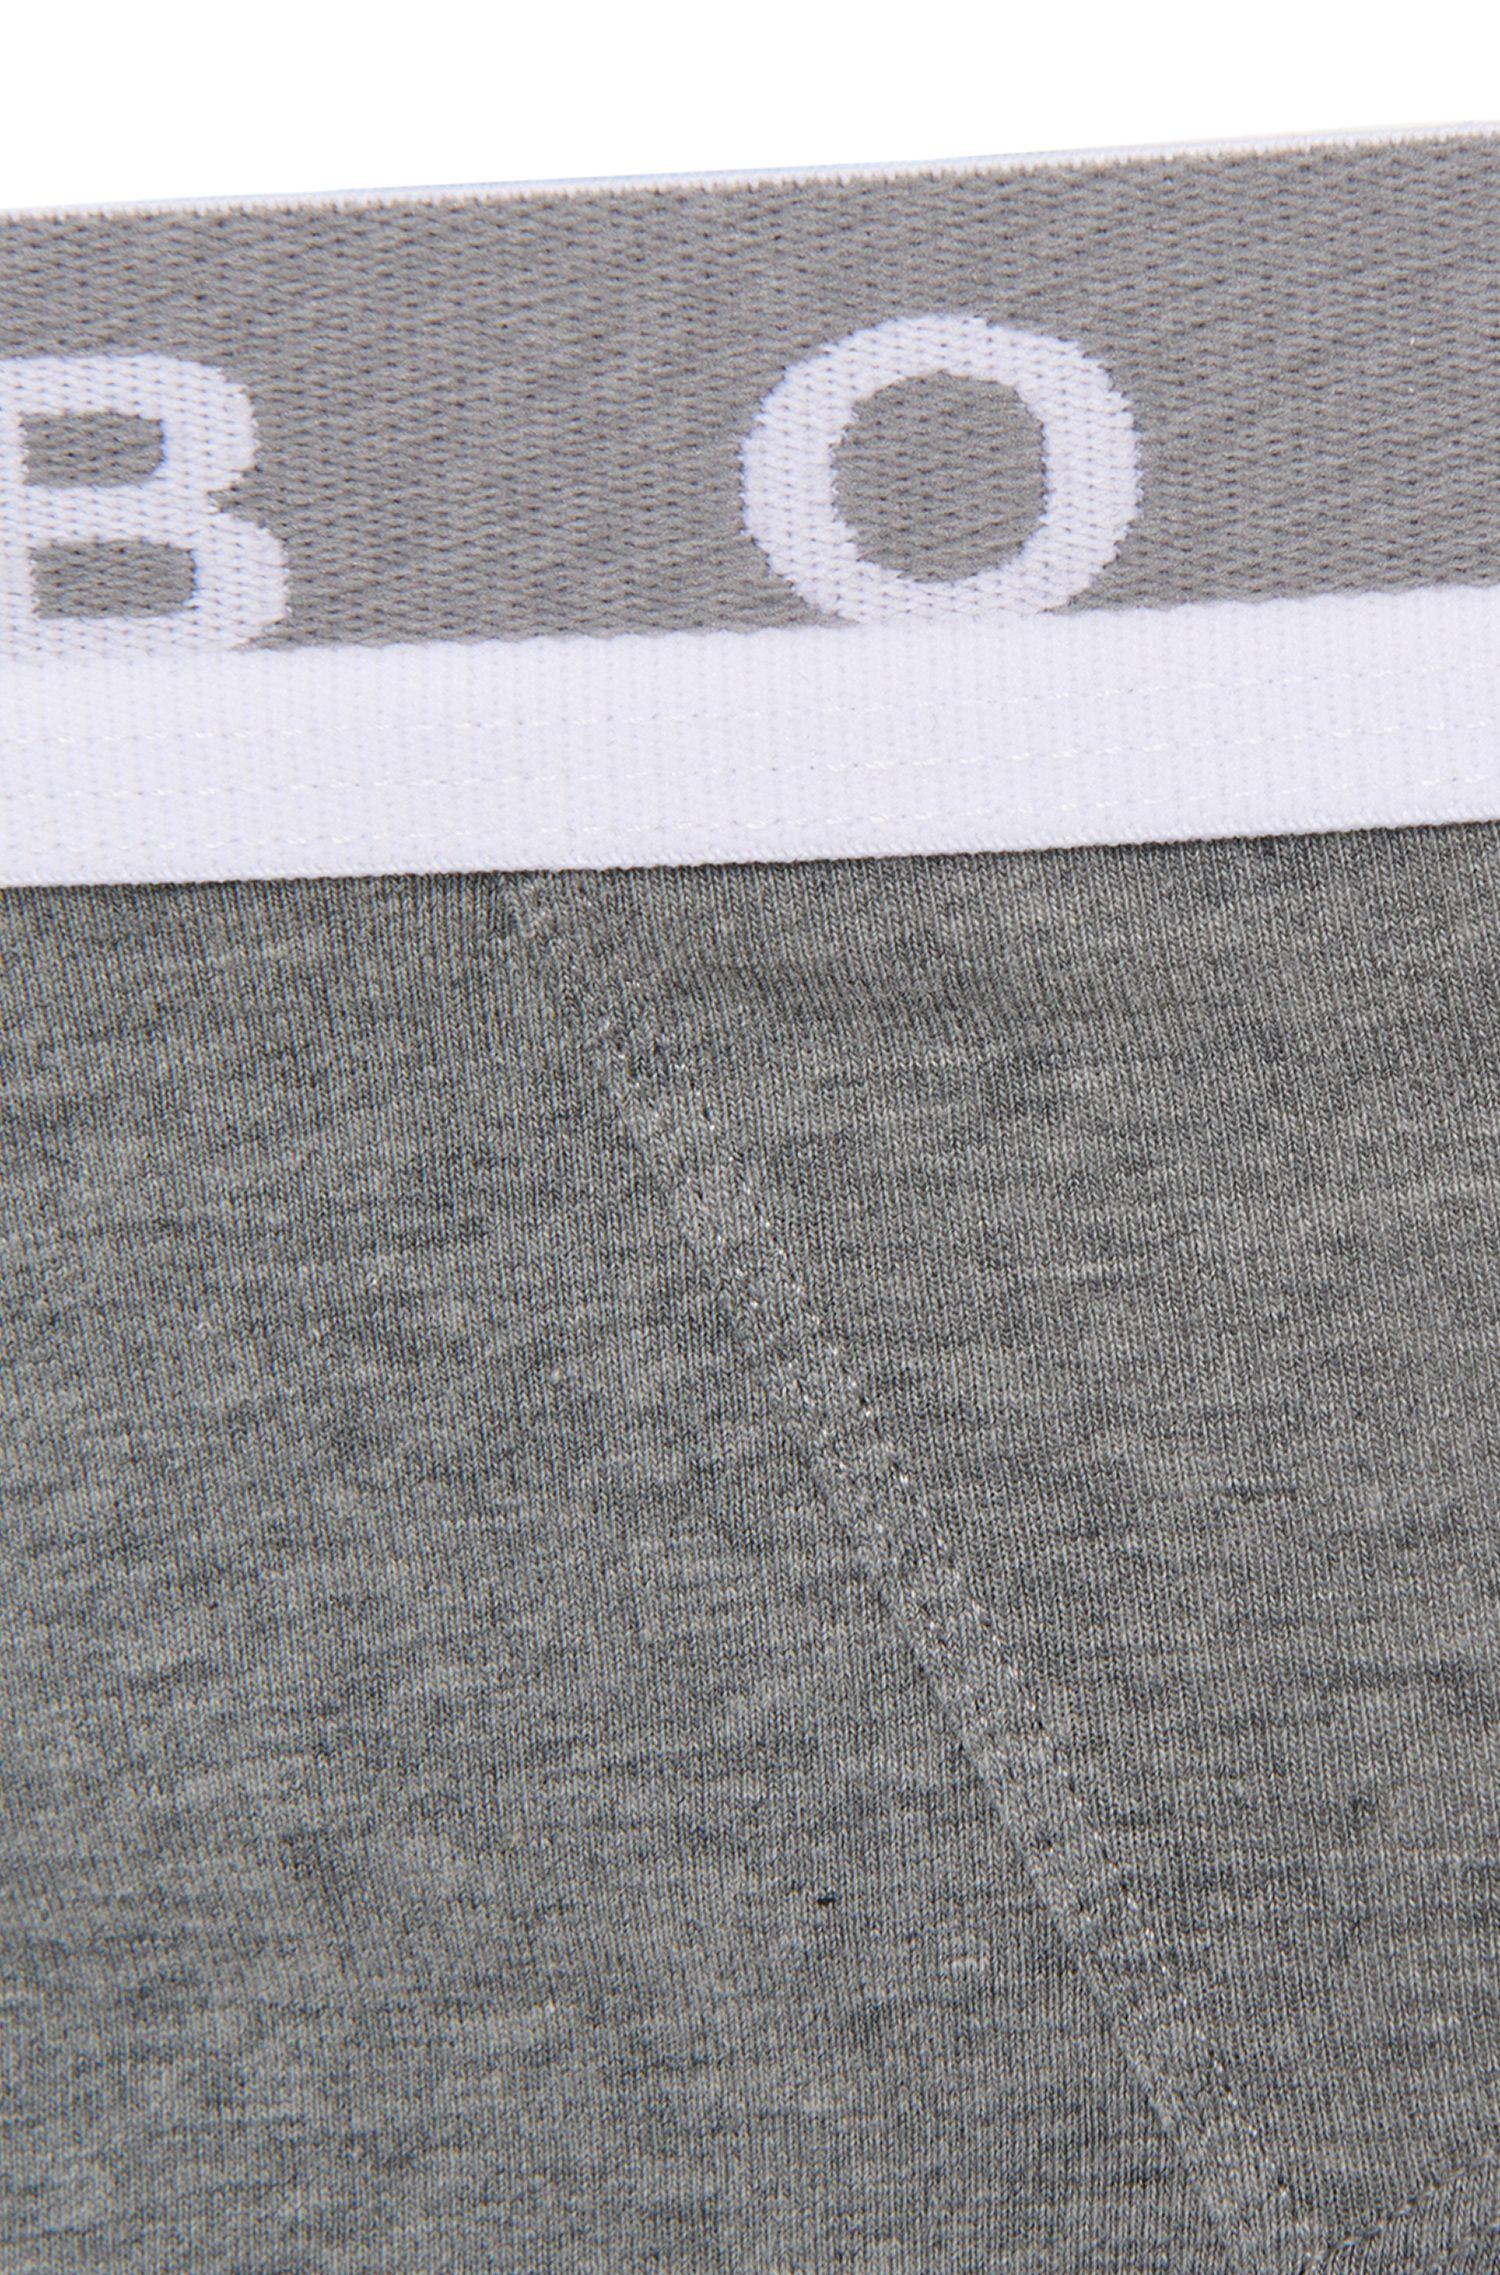 Calzoncillos cortos en algodón elástico con detalle de logo , Gris